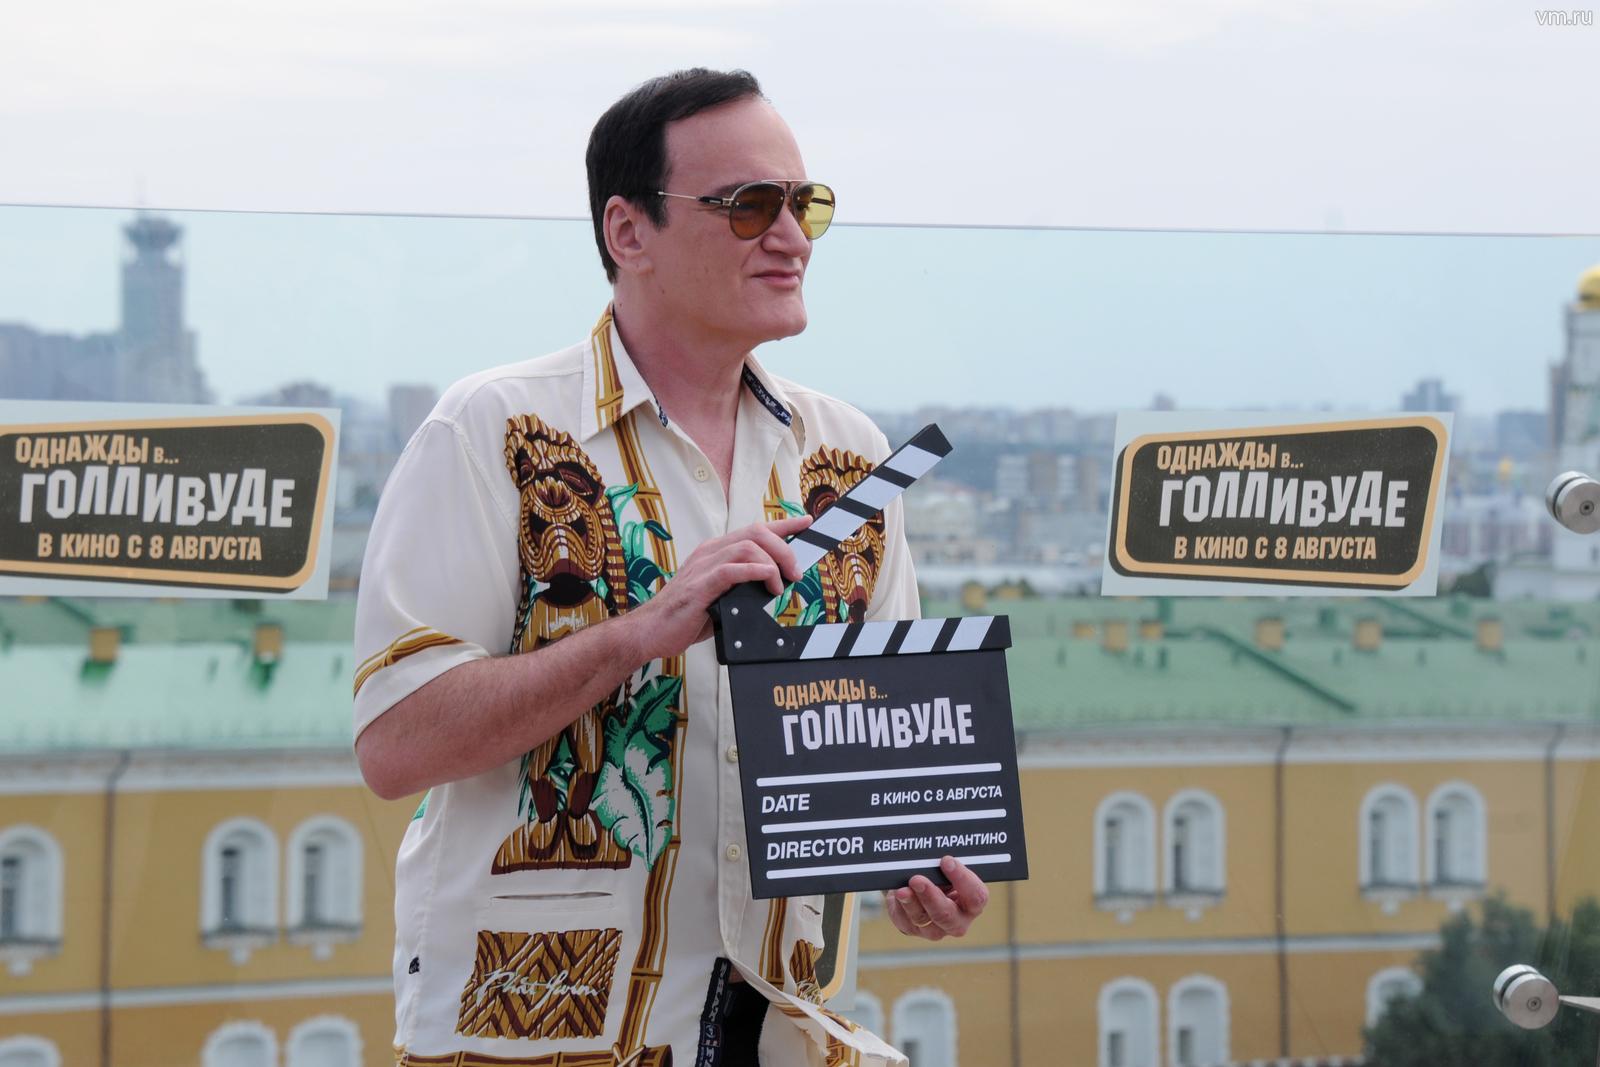 07 августа 2019 года состоялась российская премьера фильма